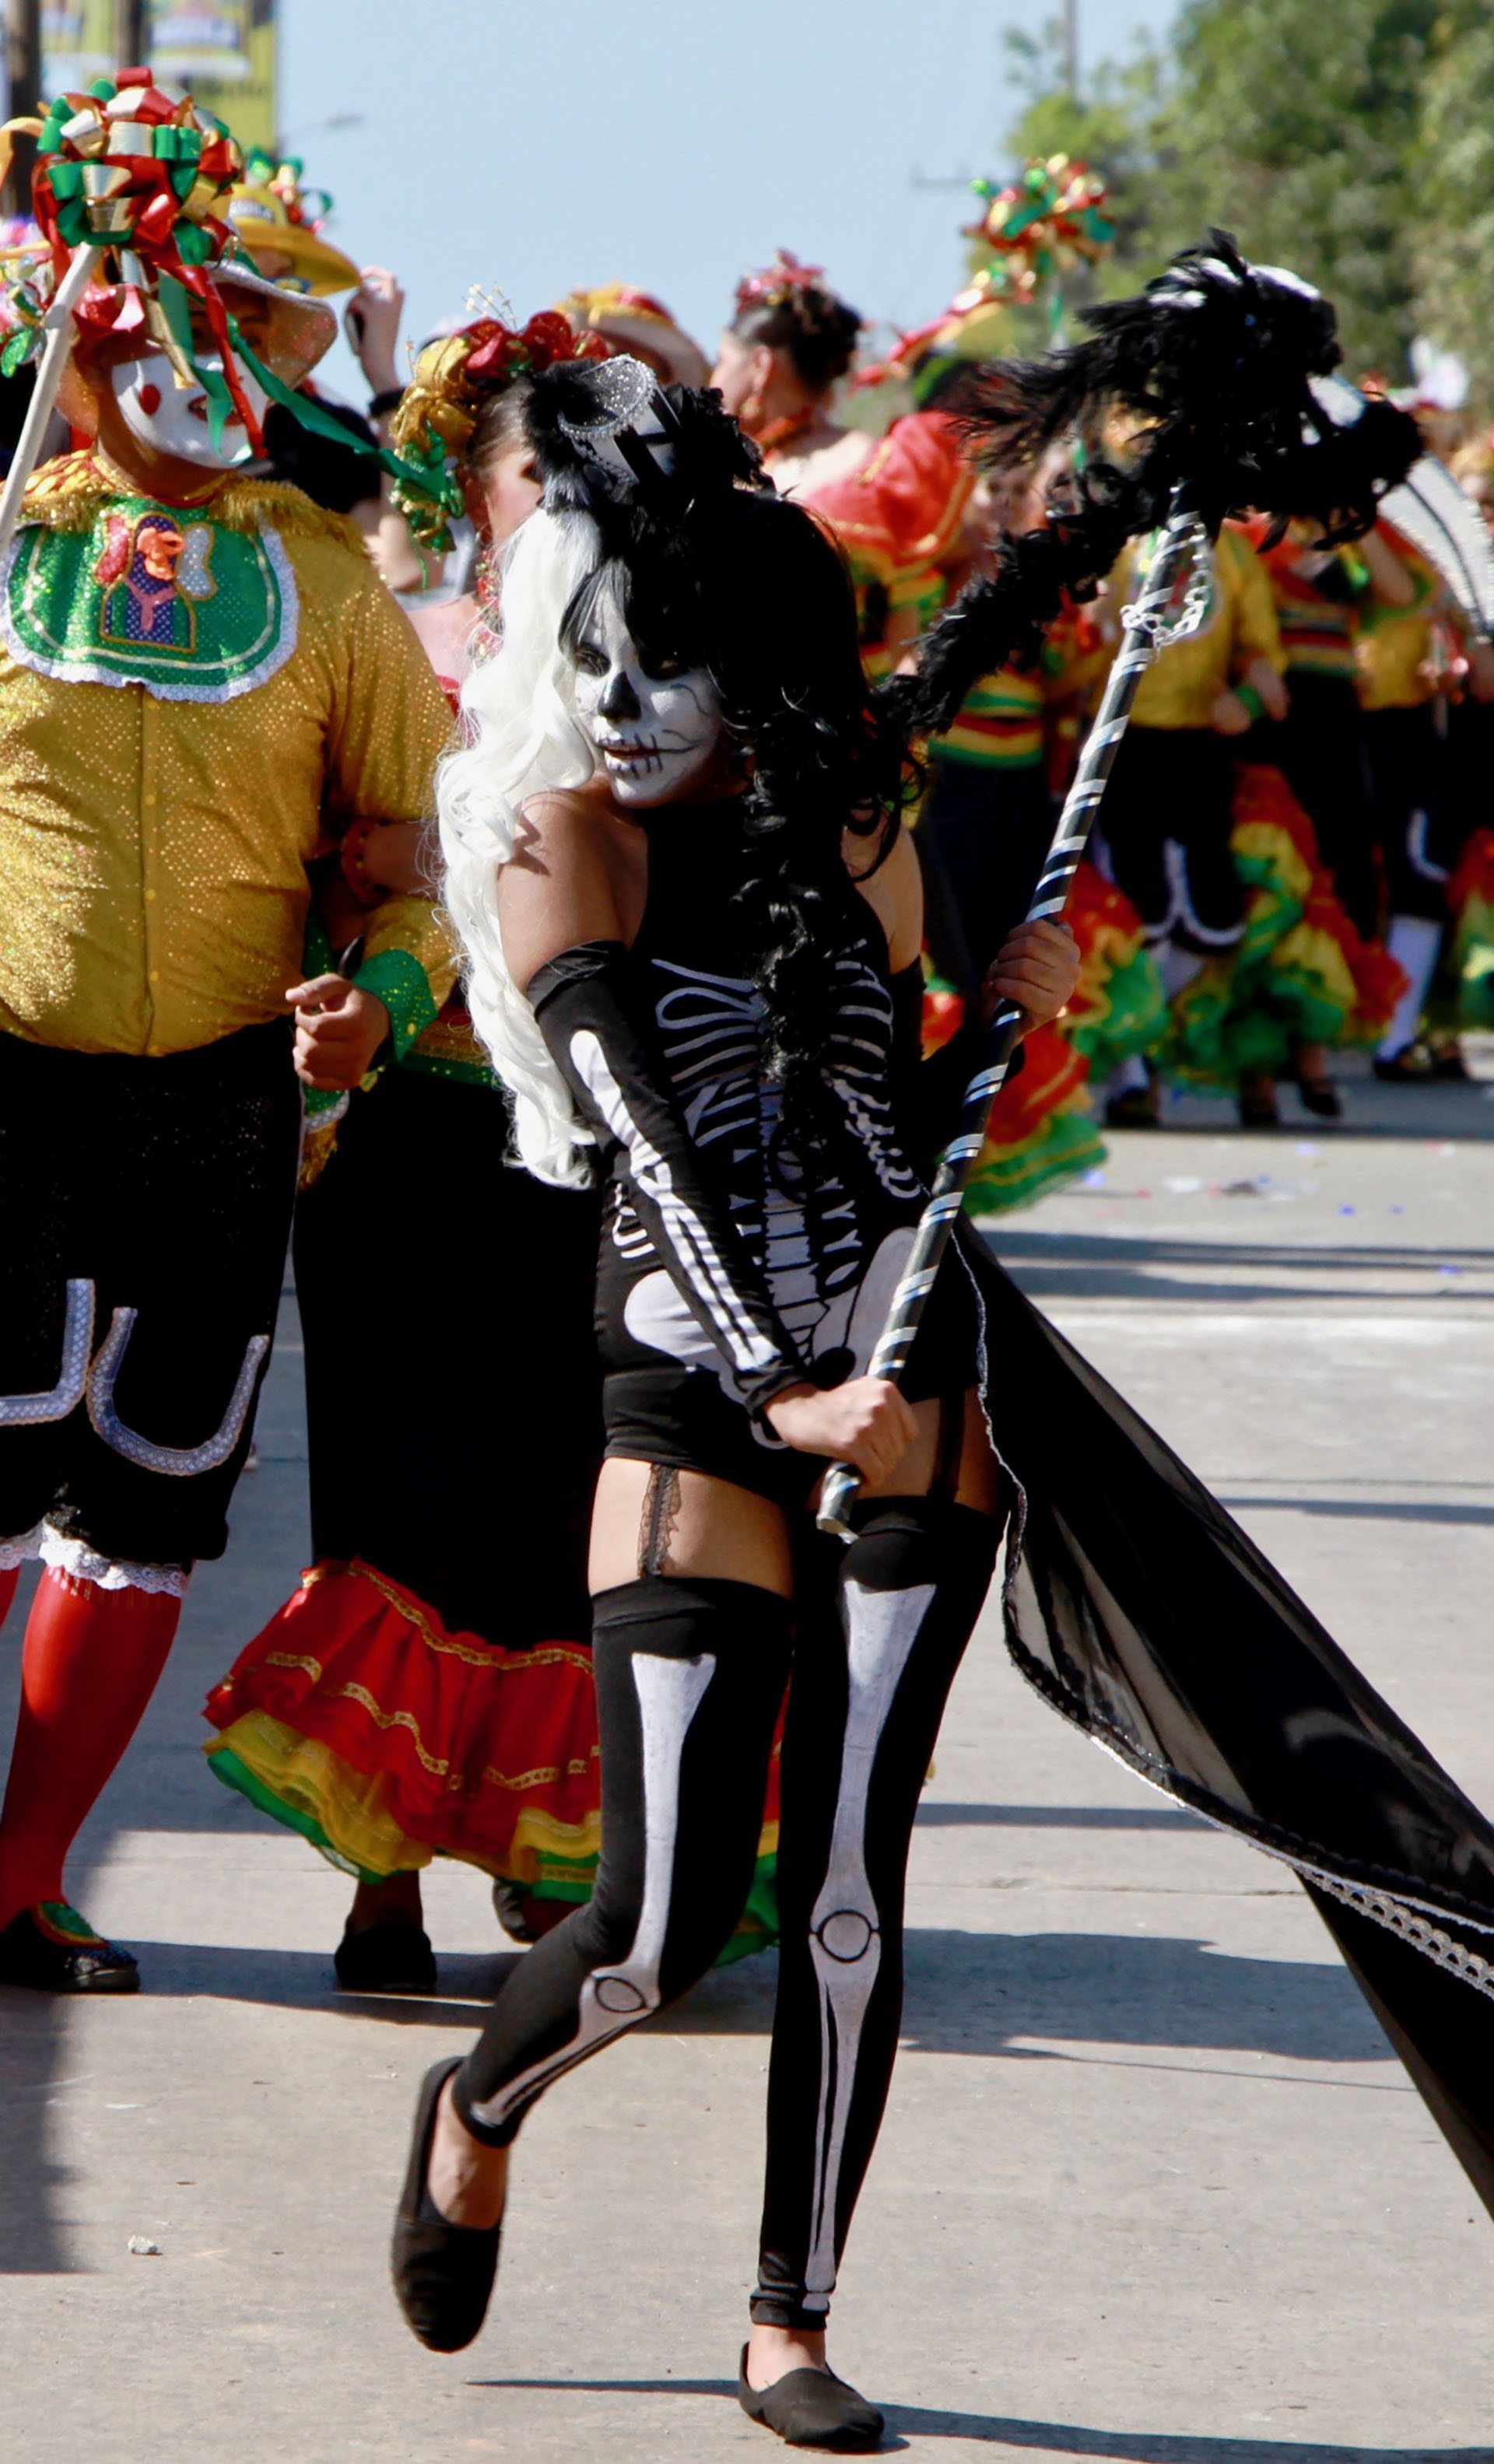 La danza del Garabato recrea el enfrentamiento del hombre contra la muerte. En esta ocasión, una adolescente se encargó de empuñar la guadaña